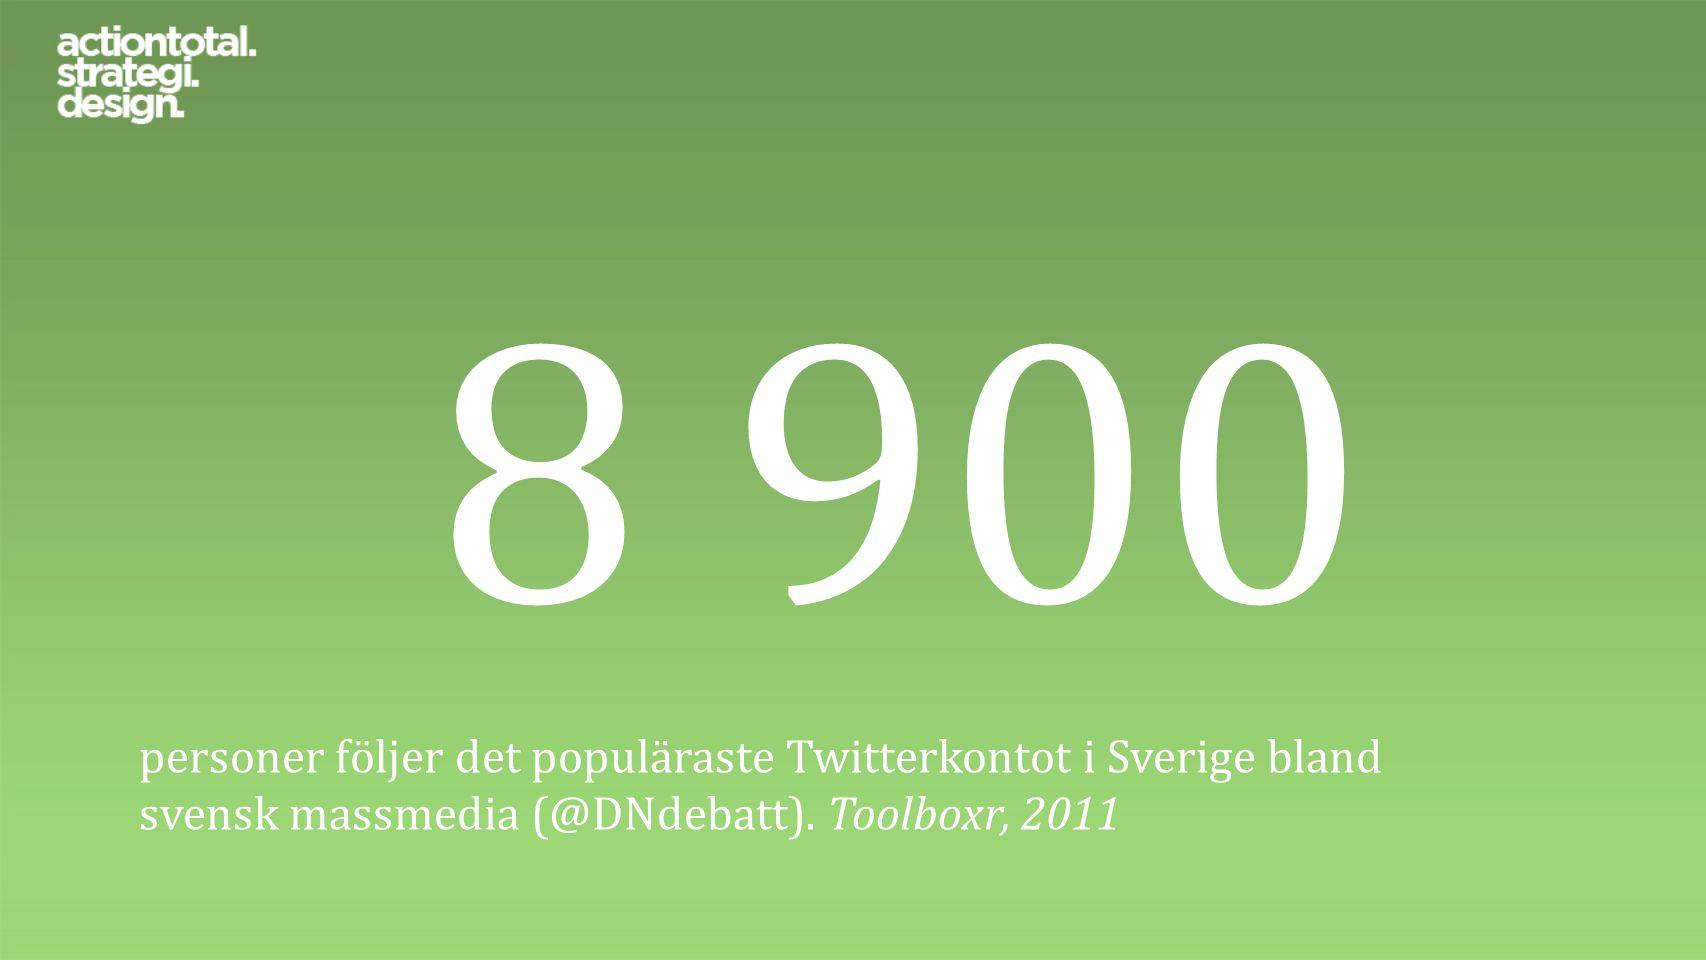 8 900 personer följer det populäraste Twitterkontot i Sverige bland svensk massmedia (@DNdebatt). Toolboxr, 2011